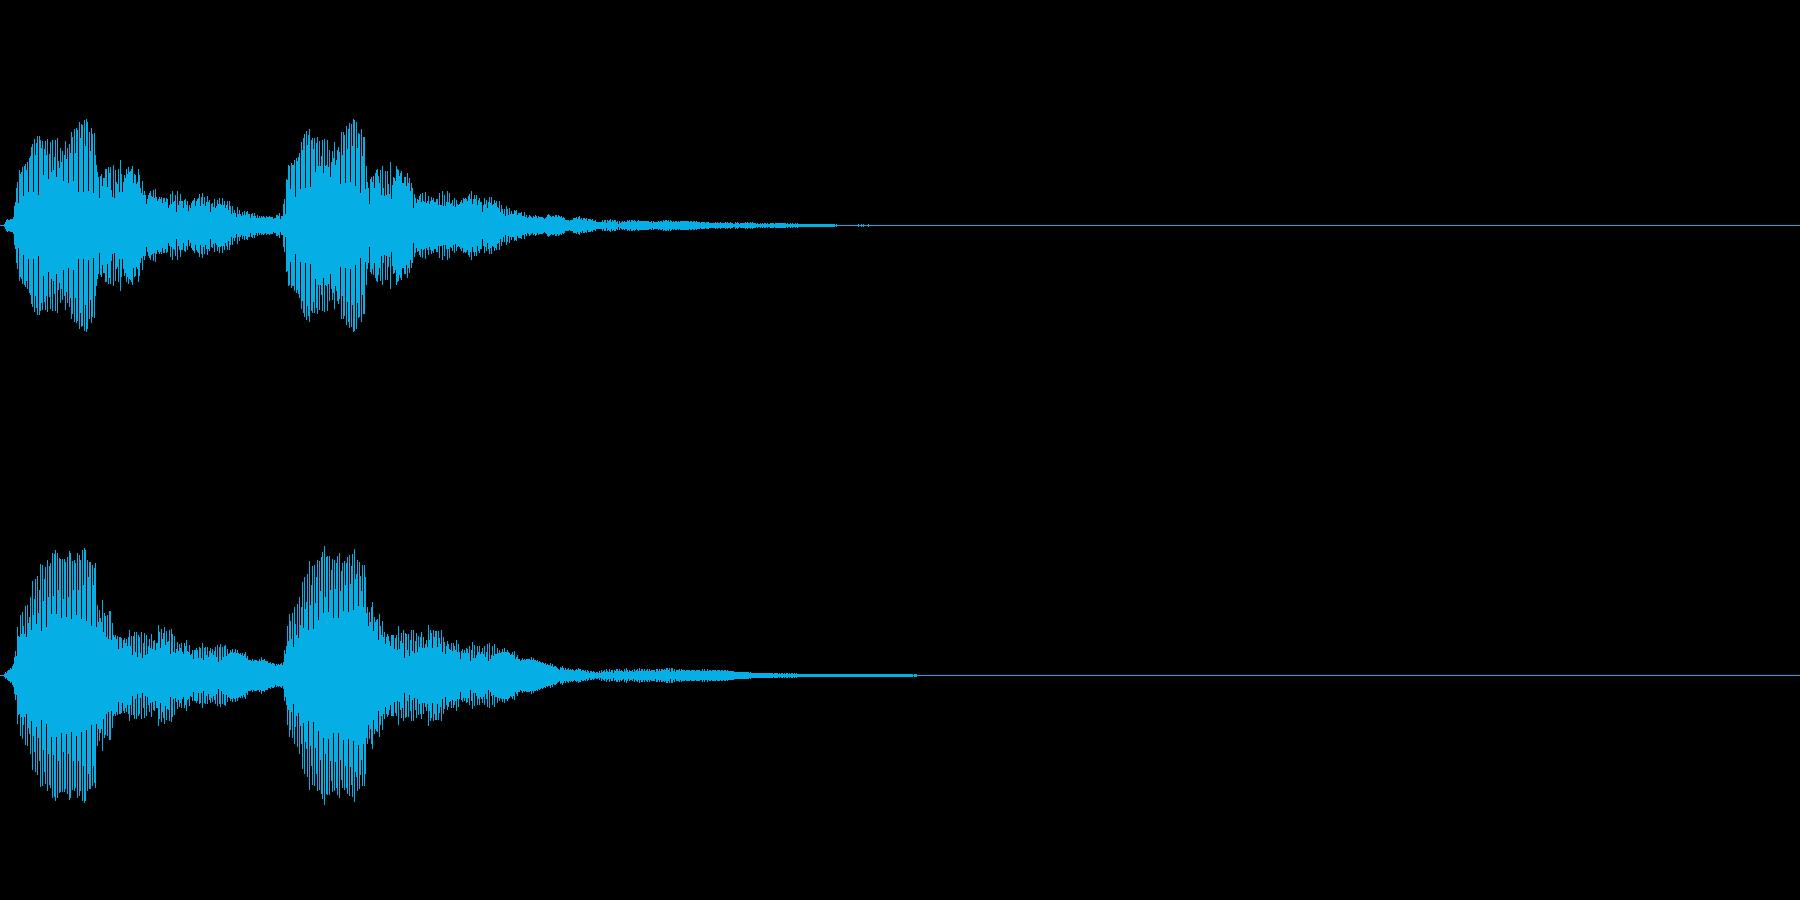 軽トラのクラクション2回の再生済みの波形